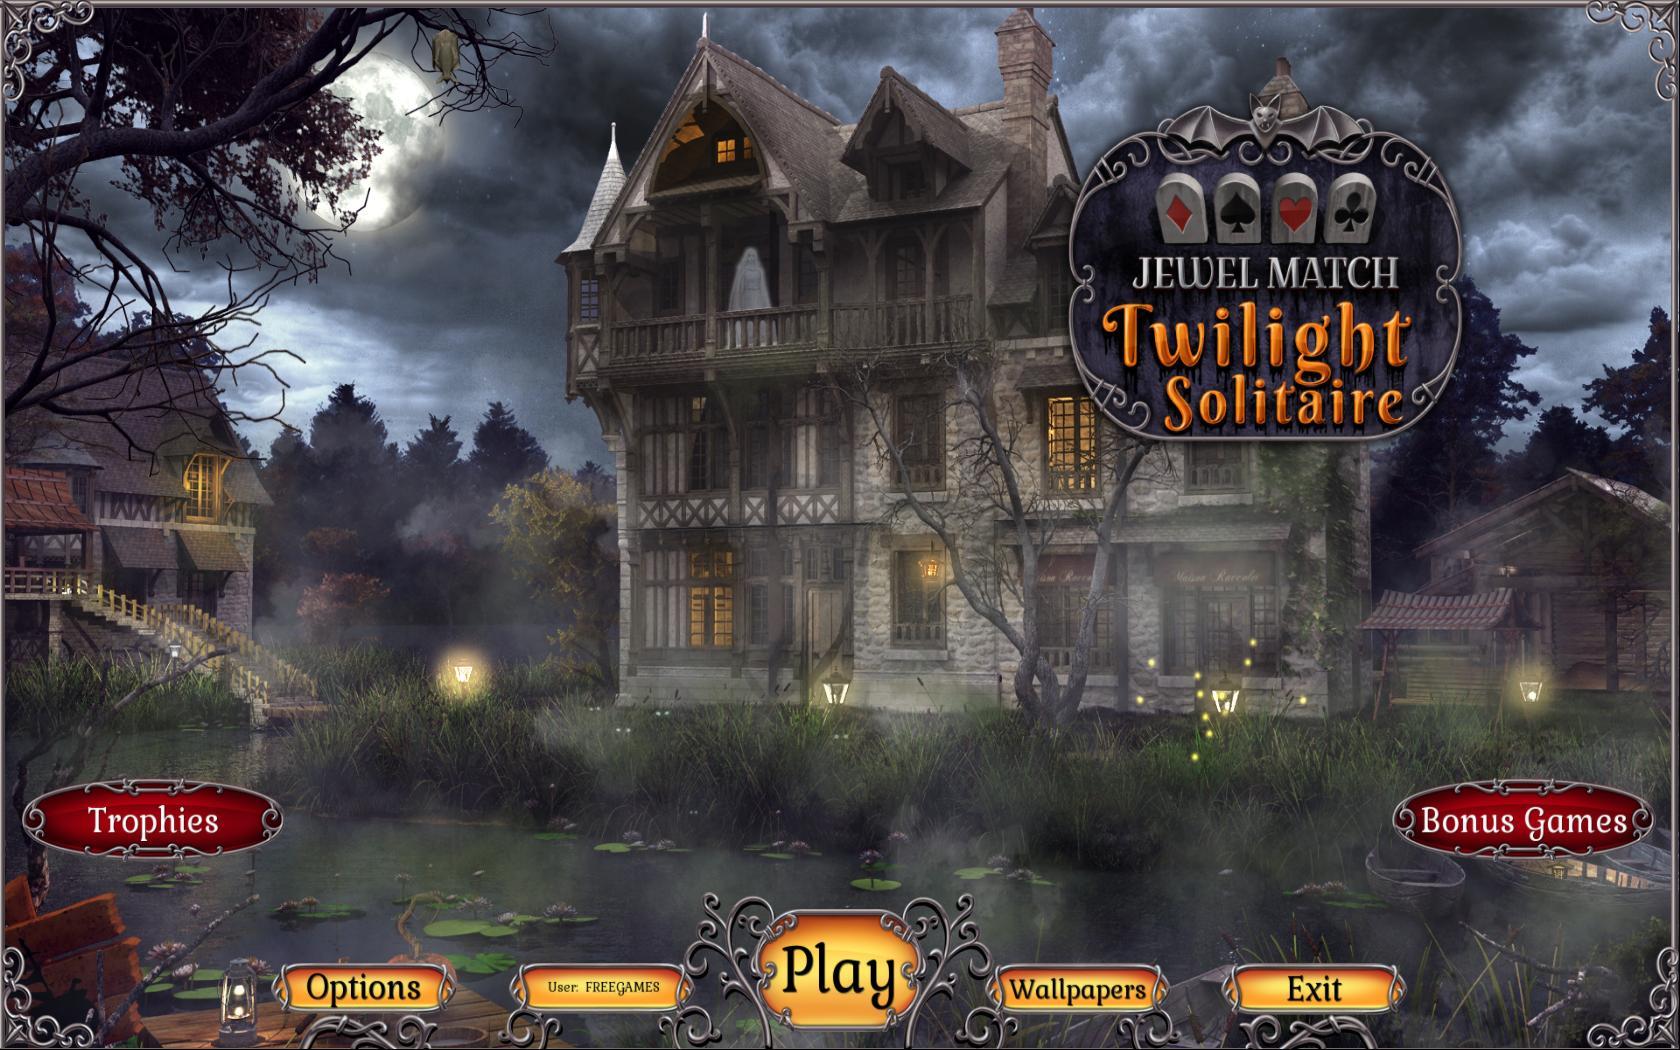 Jewel Match Twilight Solitaire (En)